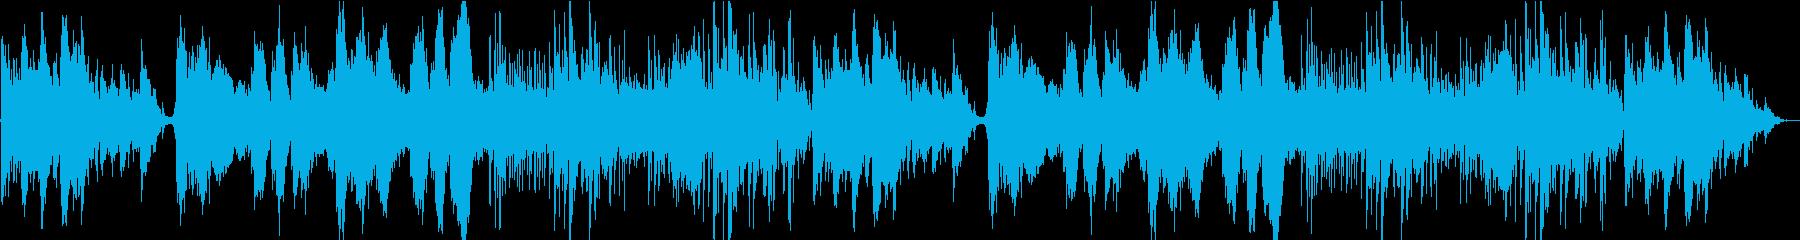 妖精の棲んでいそうなダークメルヘン曲の再生済みの波形